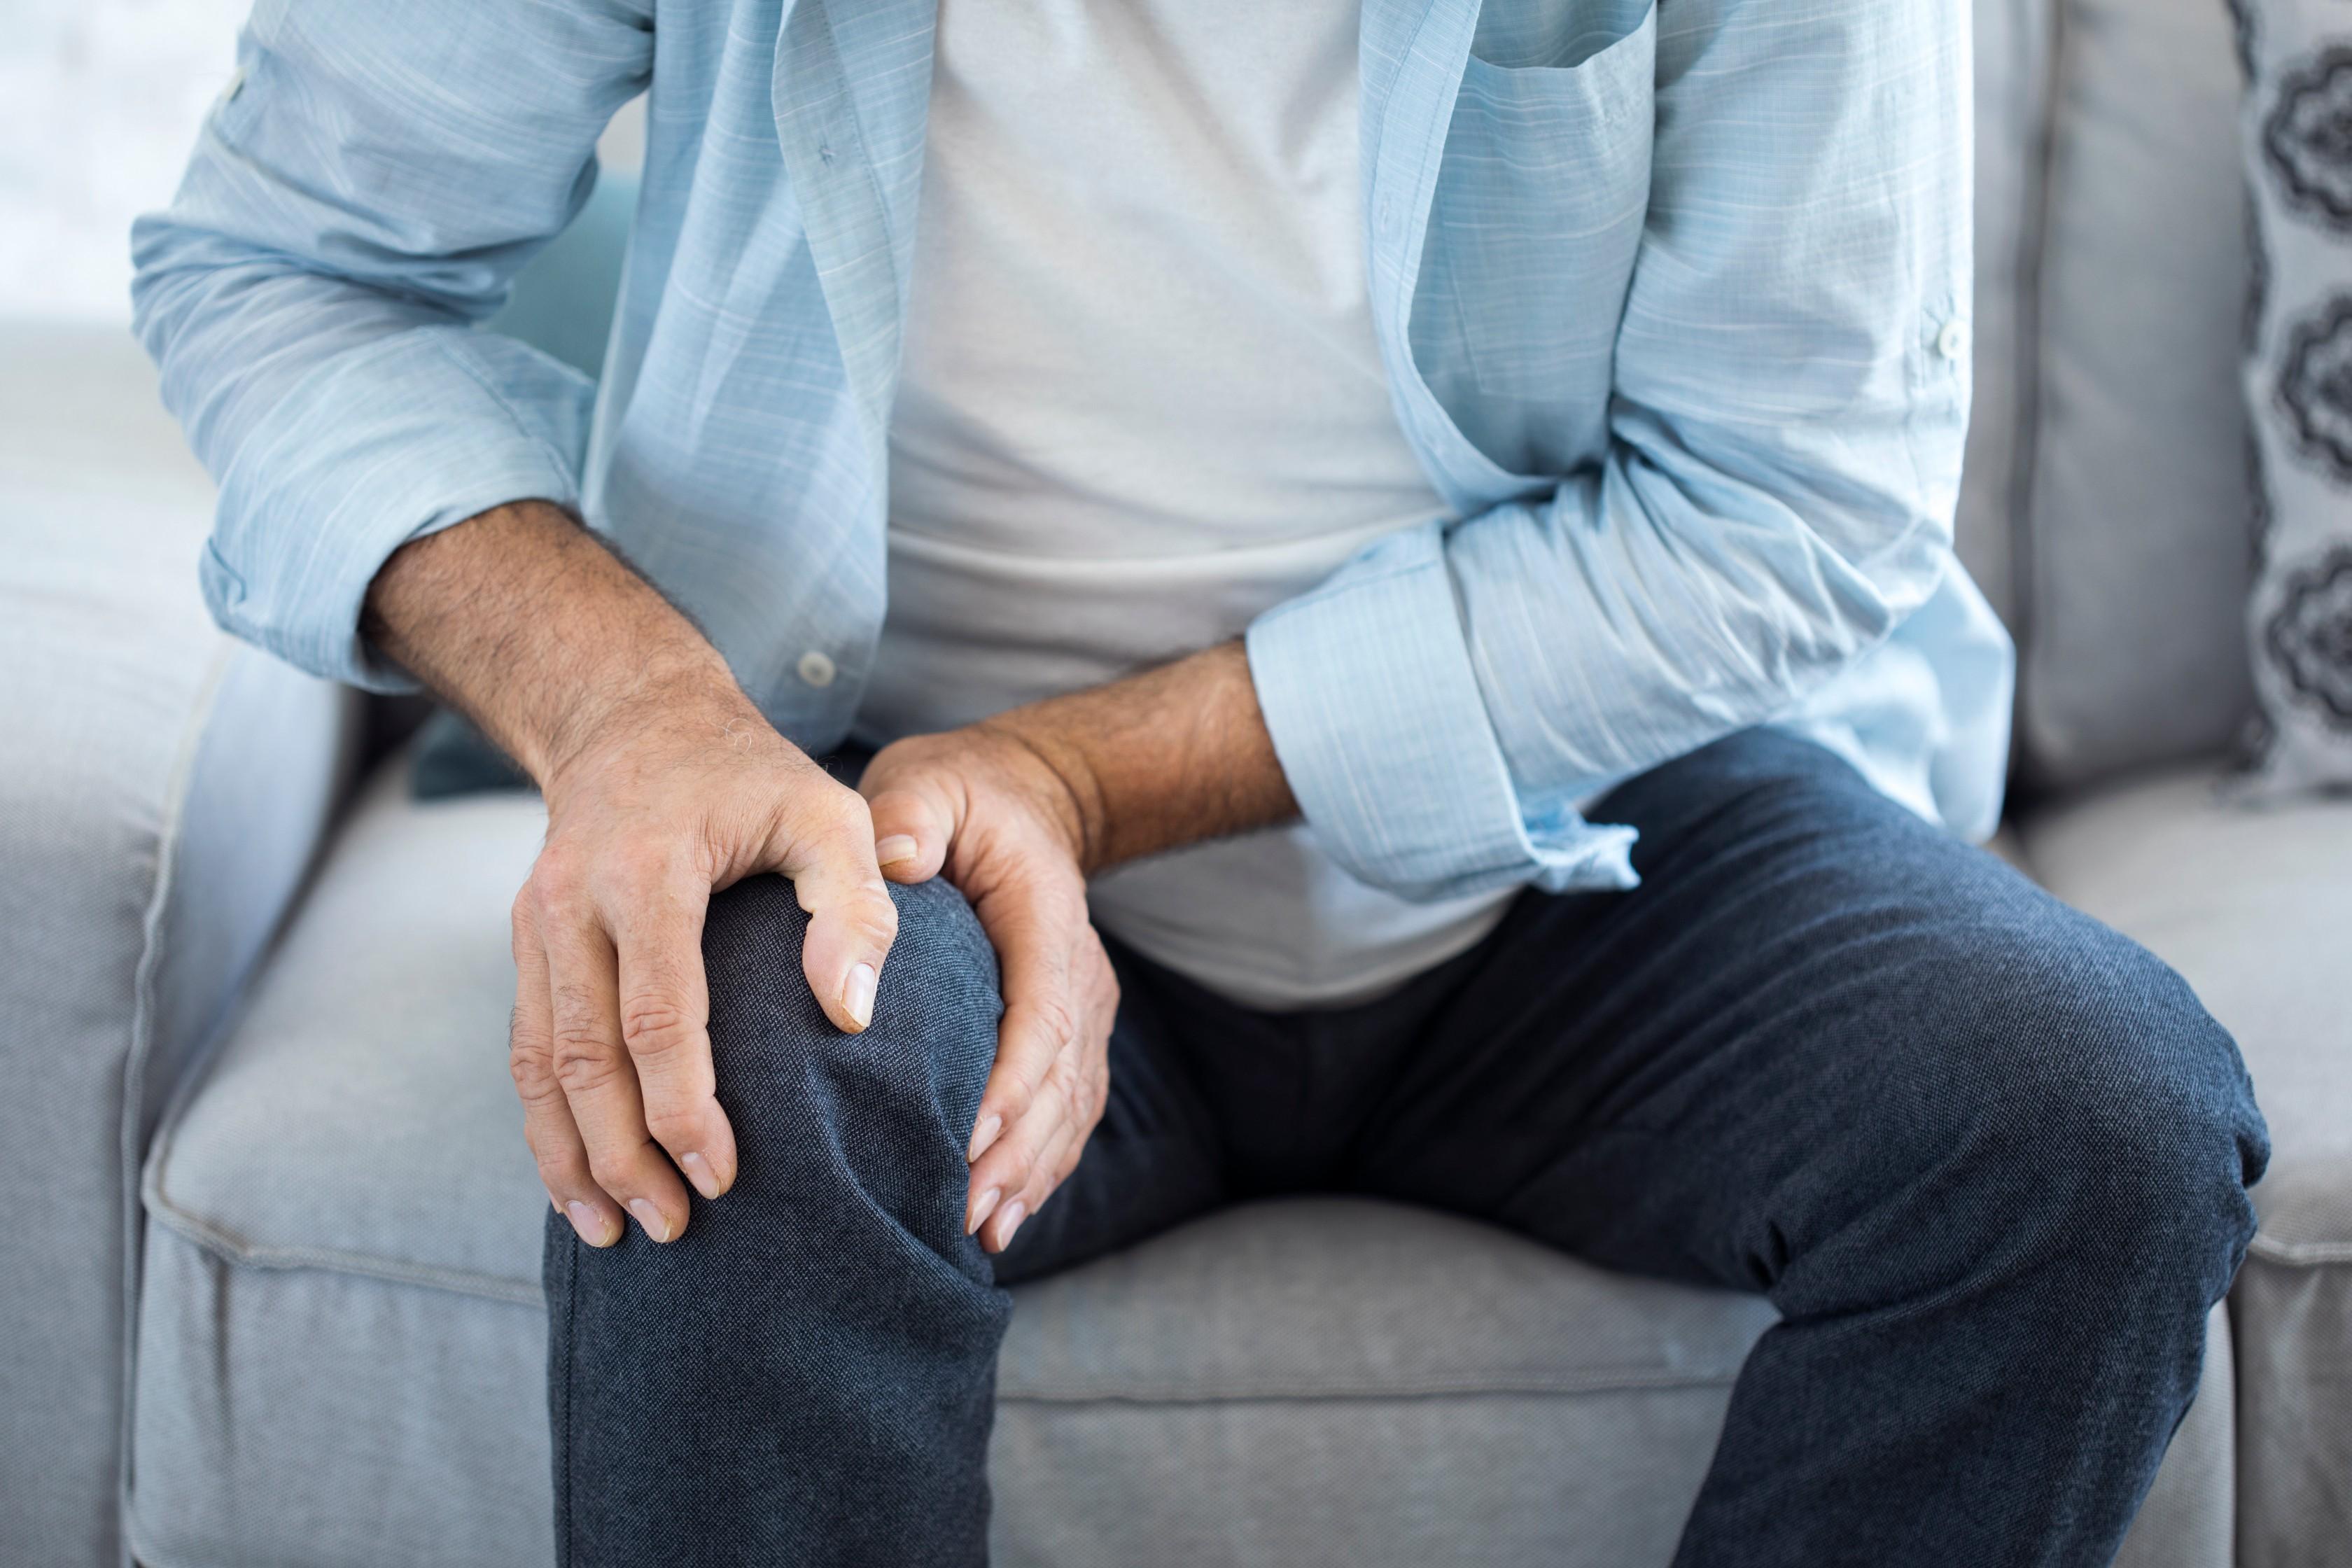 kondroxid kenőcs ízületi fájdalmak esetén